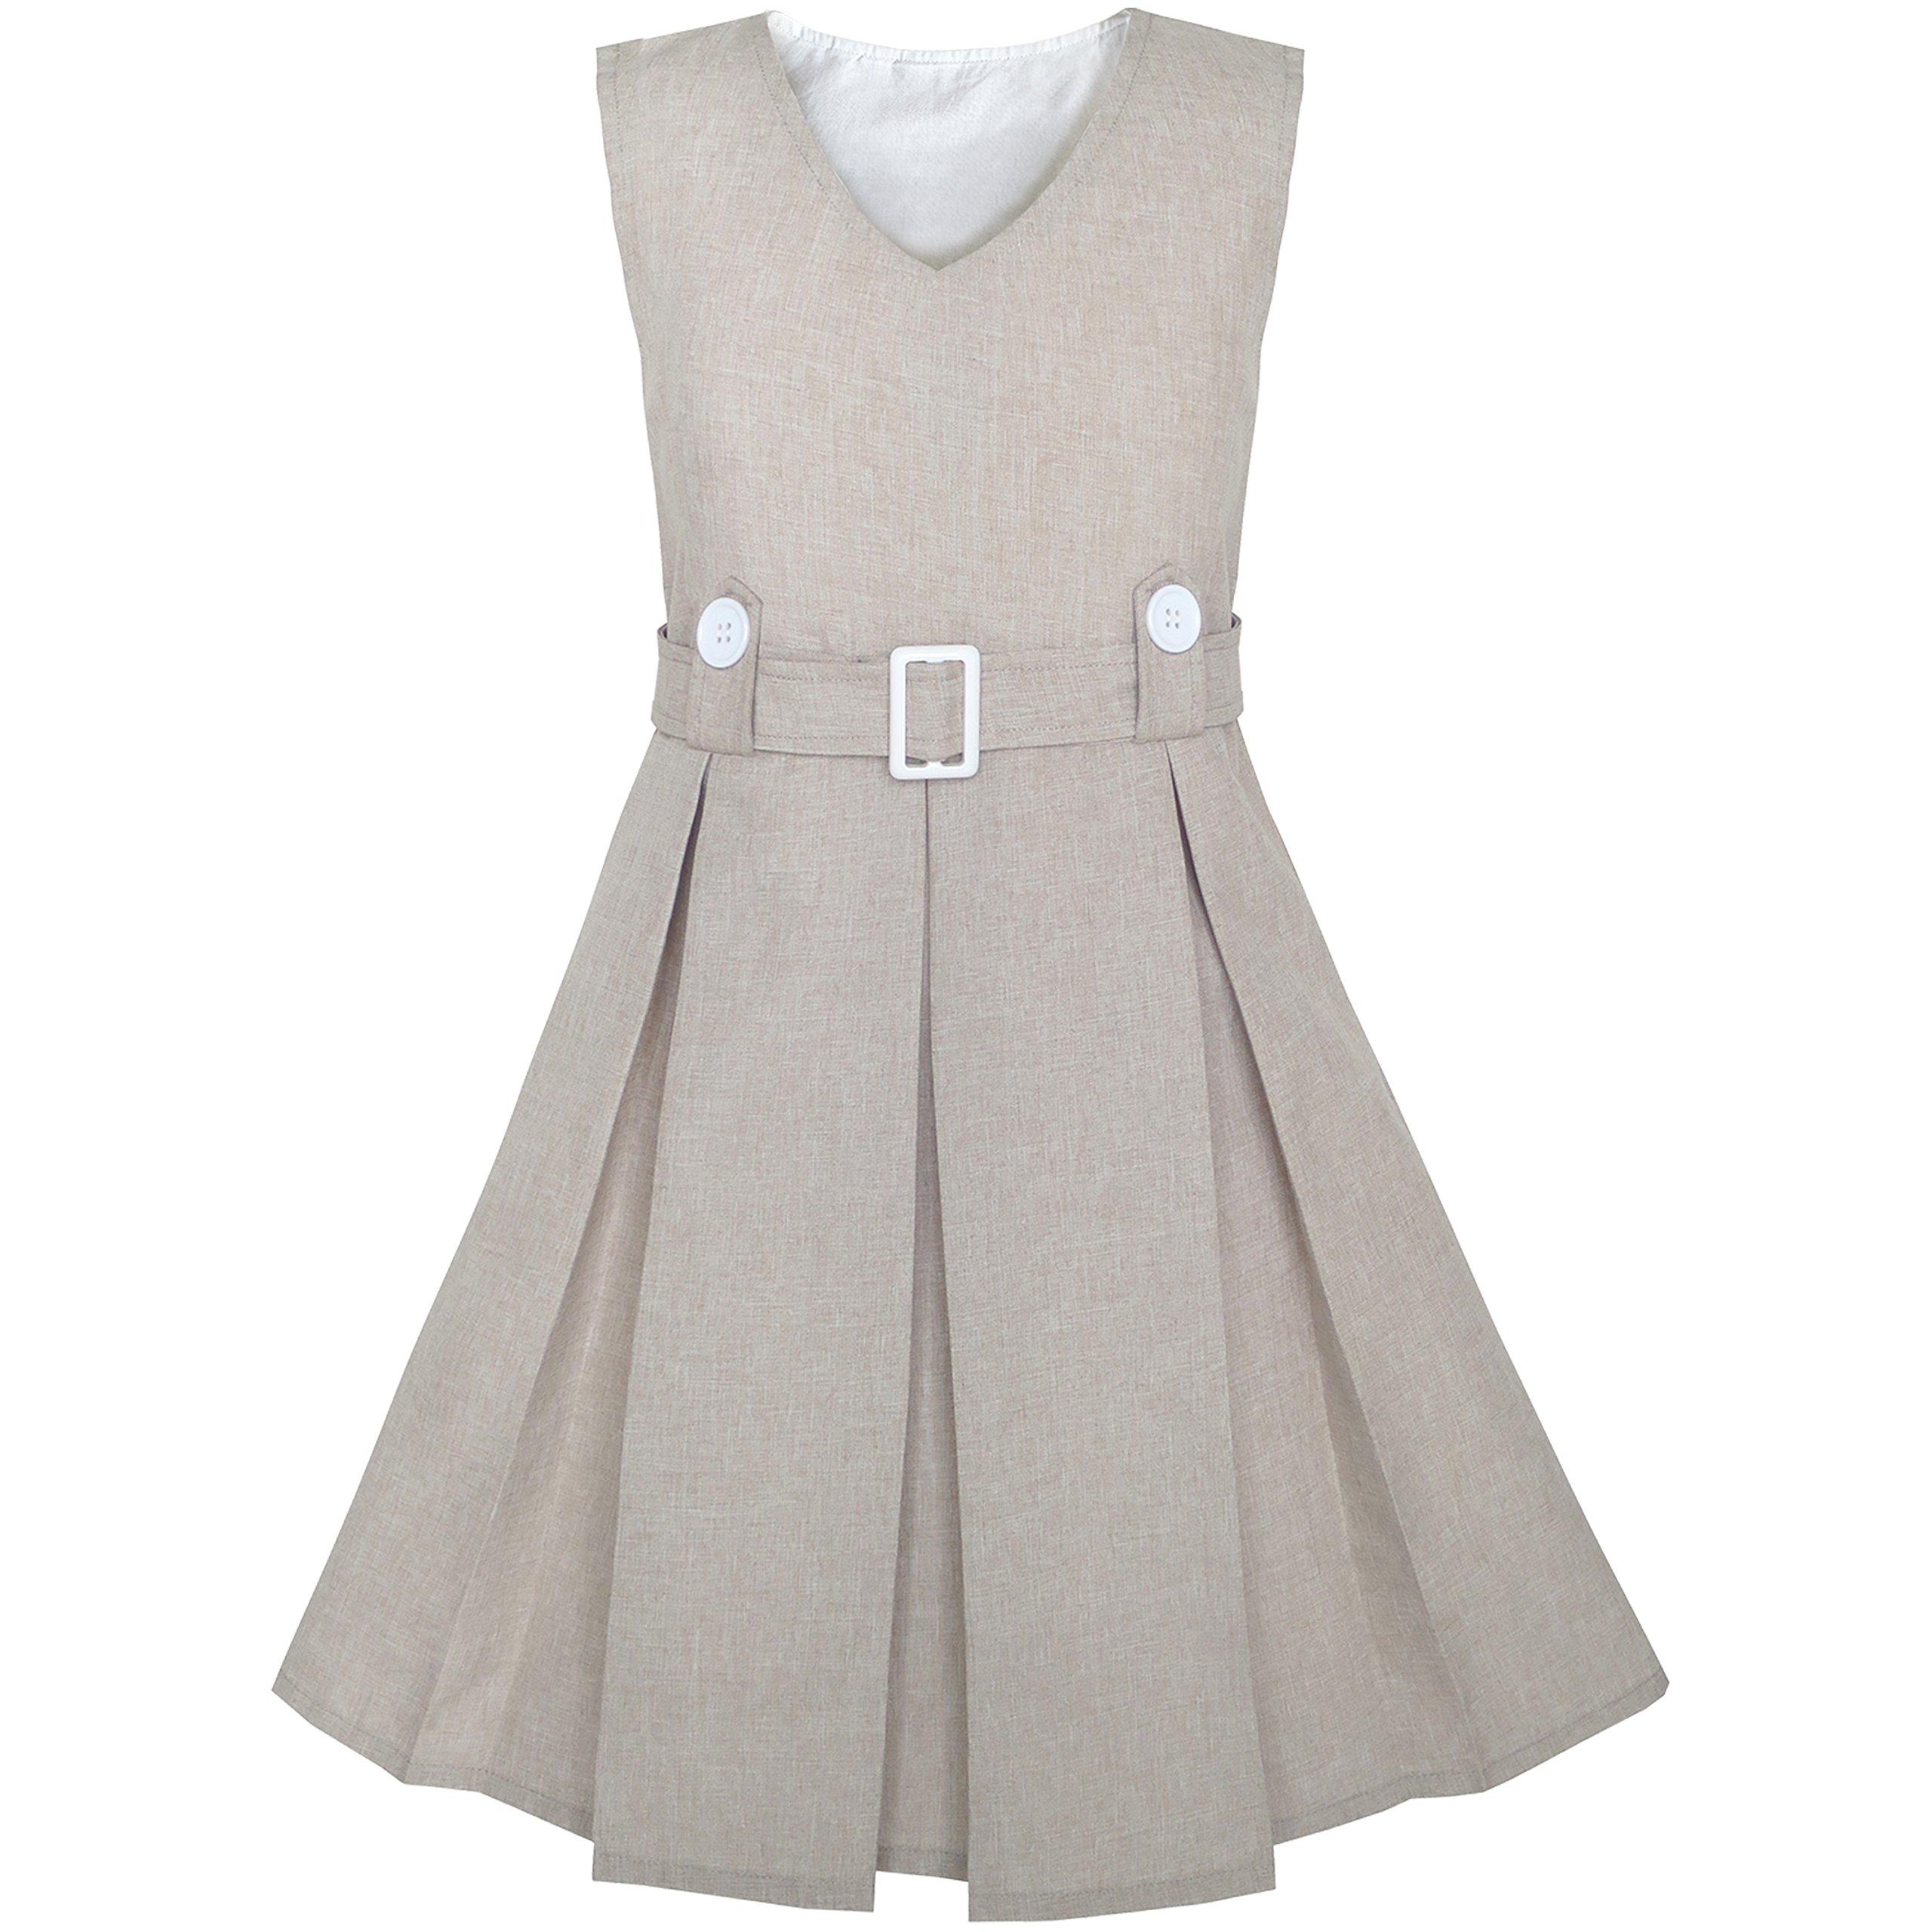 KV72 Girls Dress Beige Button Back School Pleated Hem Size 7